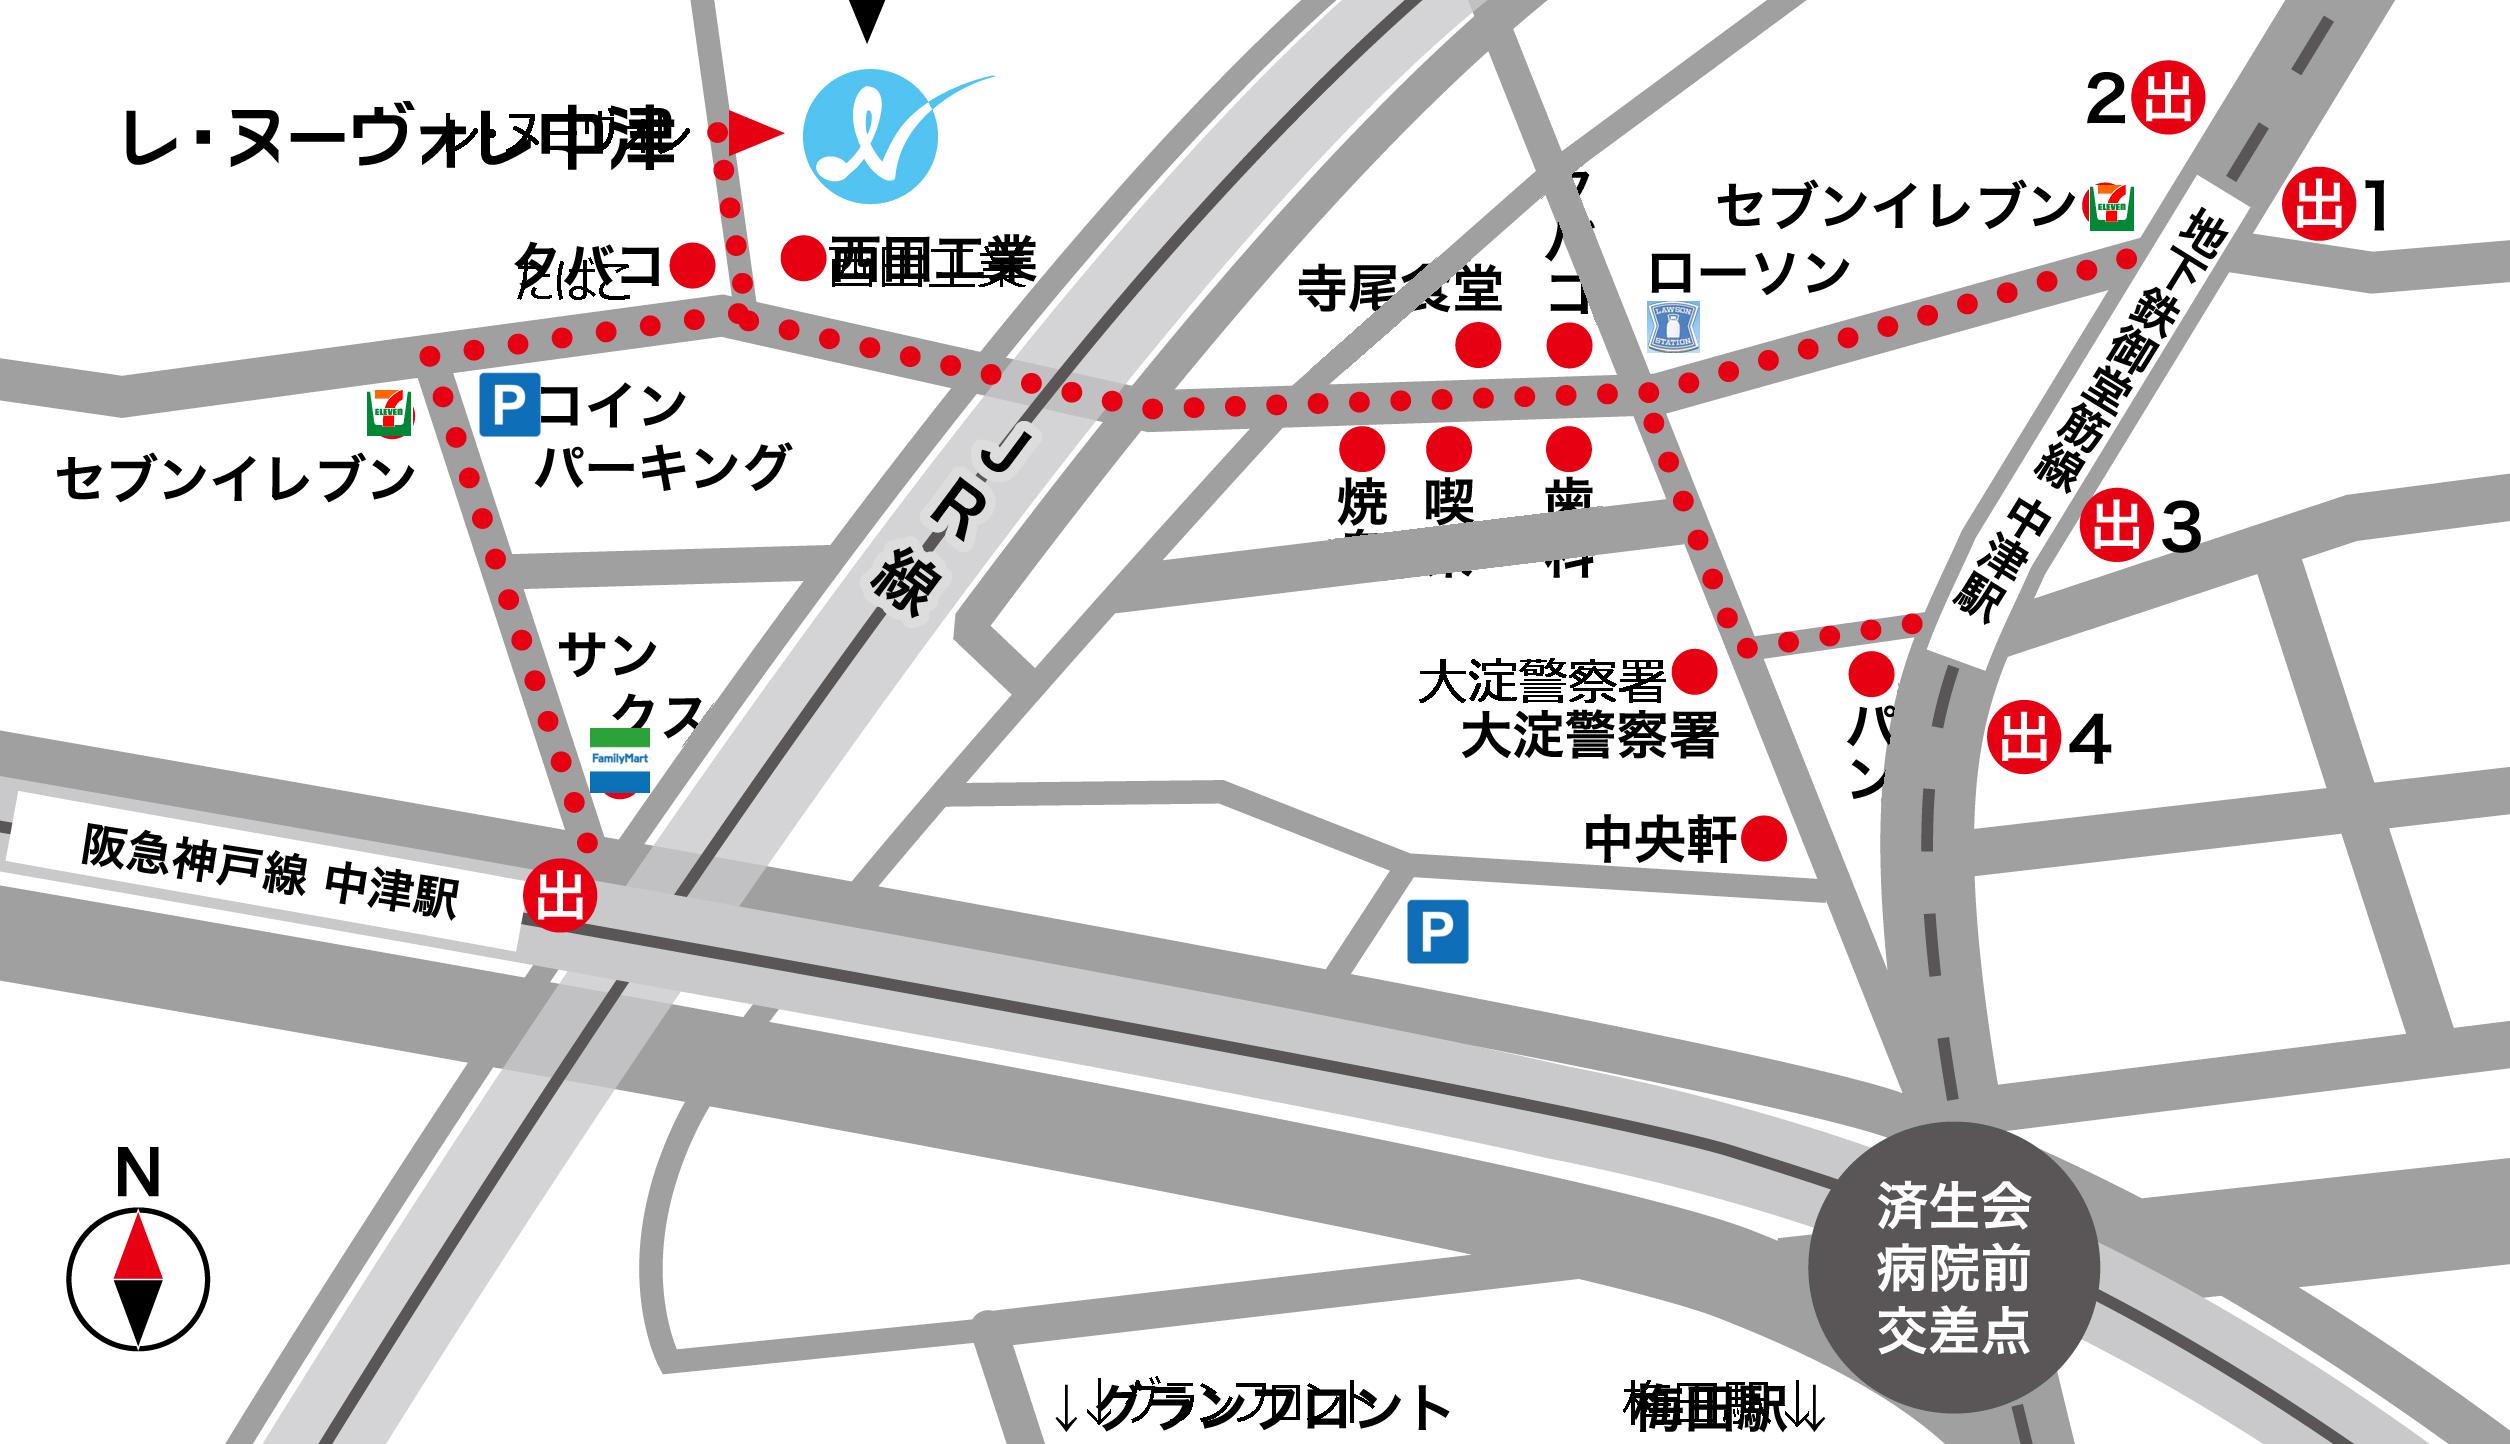 LE NUVOLE(レ・ヌーヴォレ)の地図